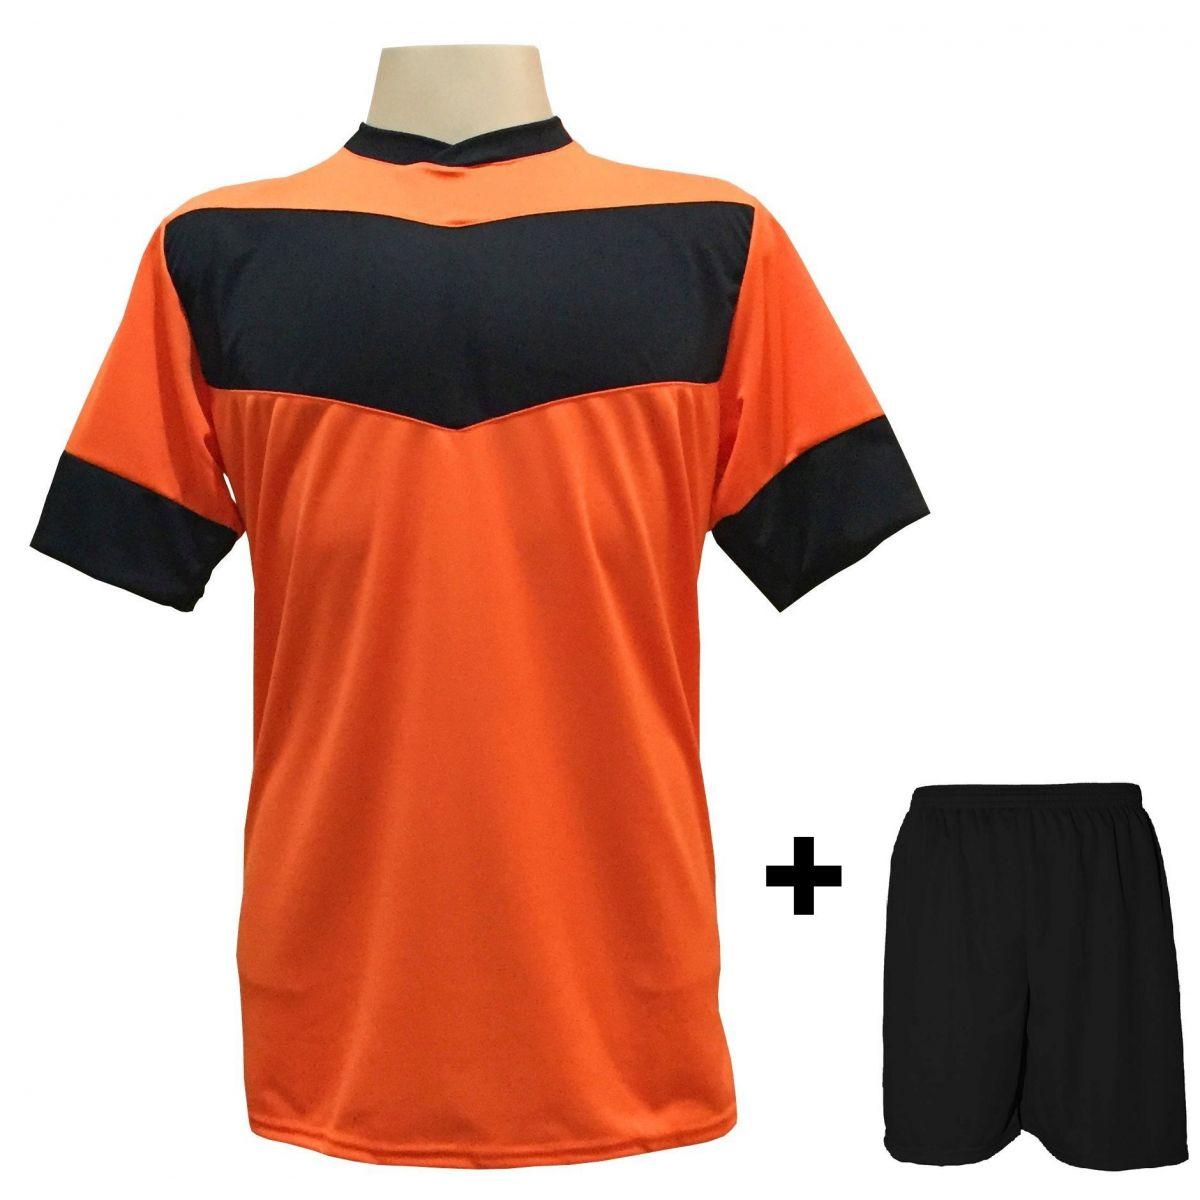 Uniforme Esportivo com 18 camisas modelo Columbus Laranja/Preto + 18 calções modelo Madrid + 1 Goleiro + Brindes